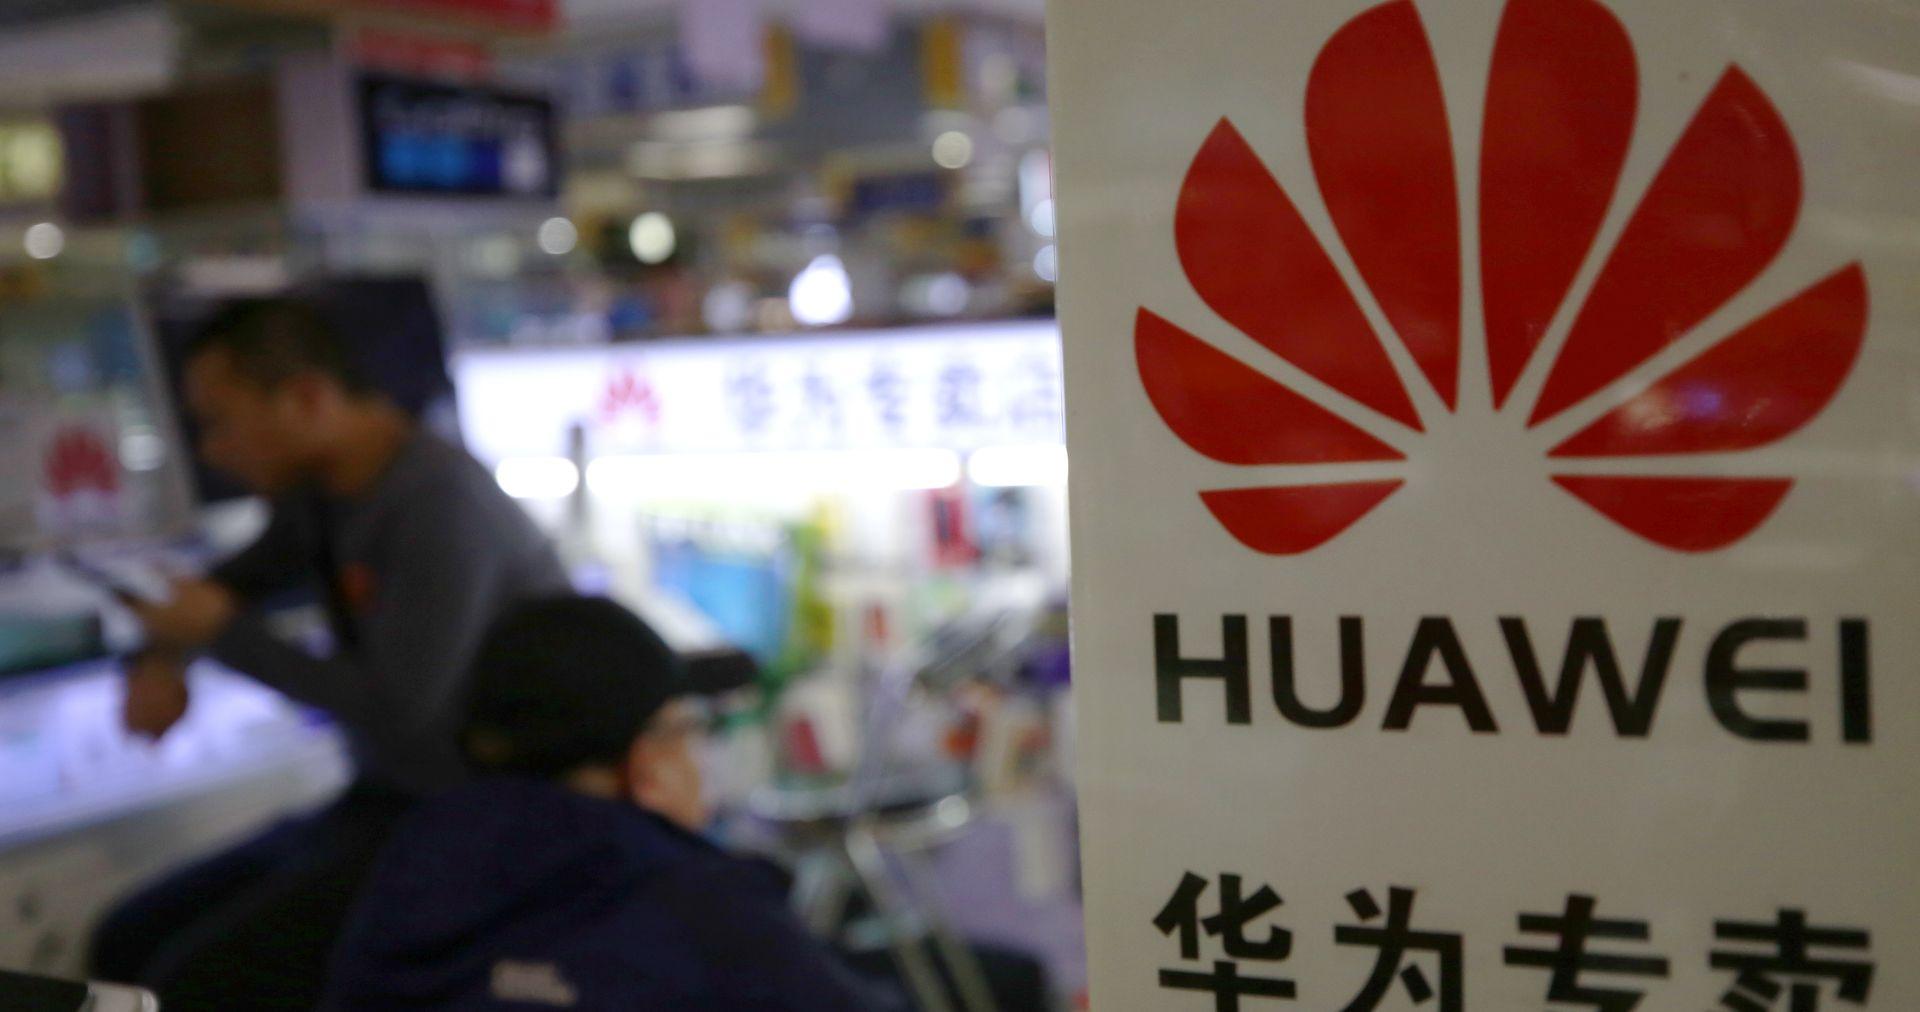 Kina 'ozbiljno zabrinuta' zbog američkih optužbi na račun Huaweia